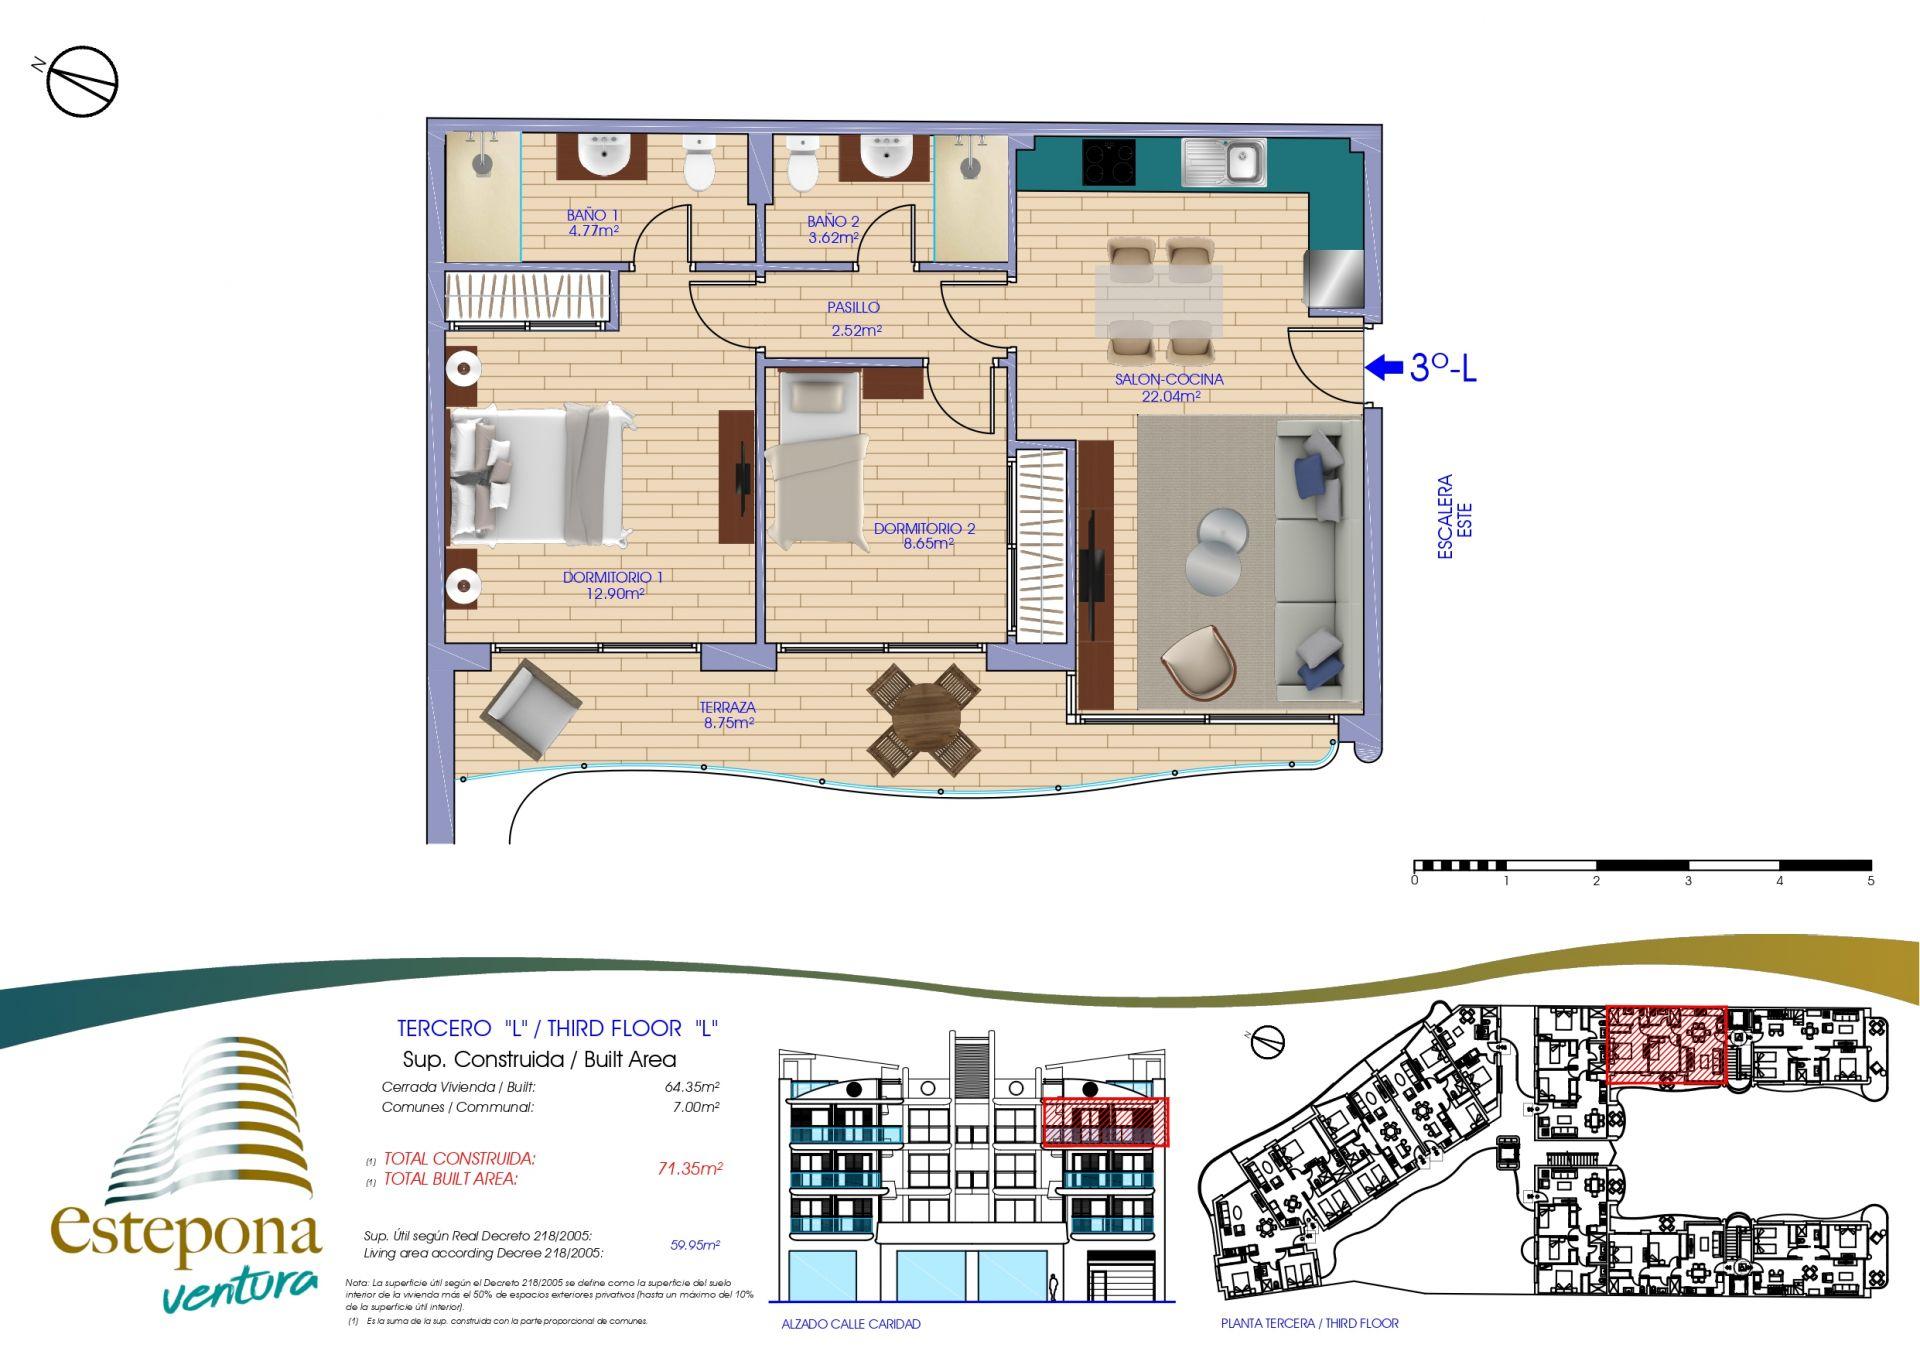 20200527 PLANOS DE VENTAS pages to jpg 0039 - Ventura Estepona | Compra de casa en Estepona